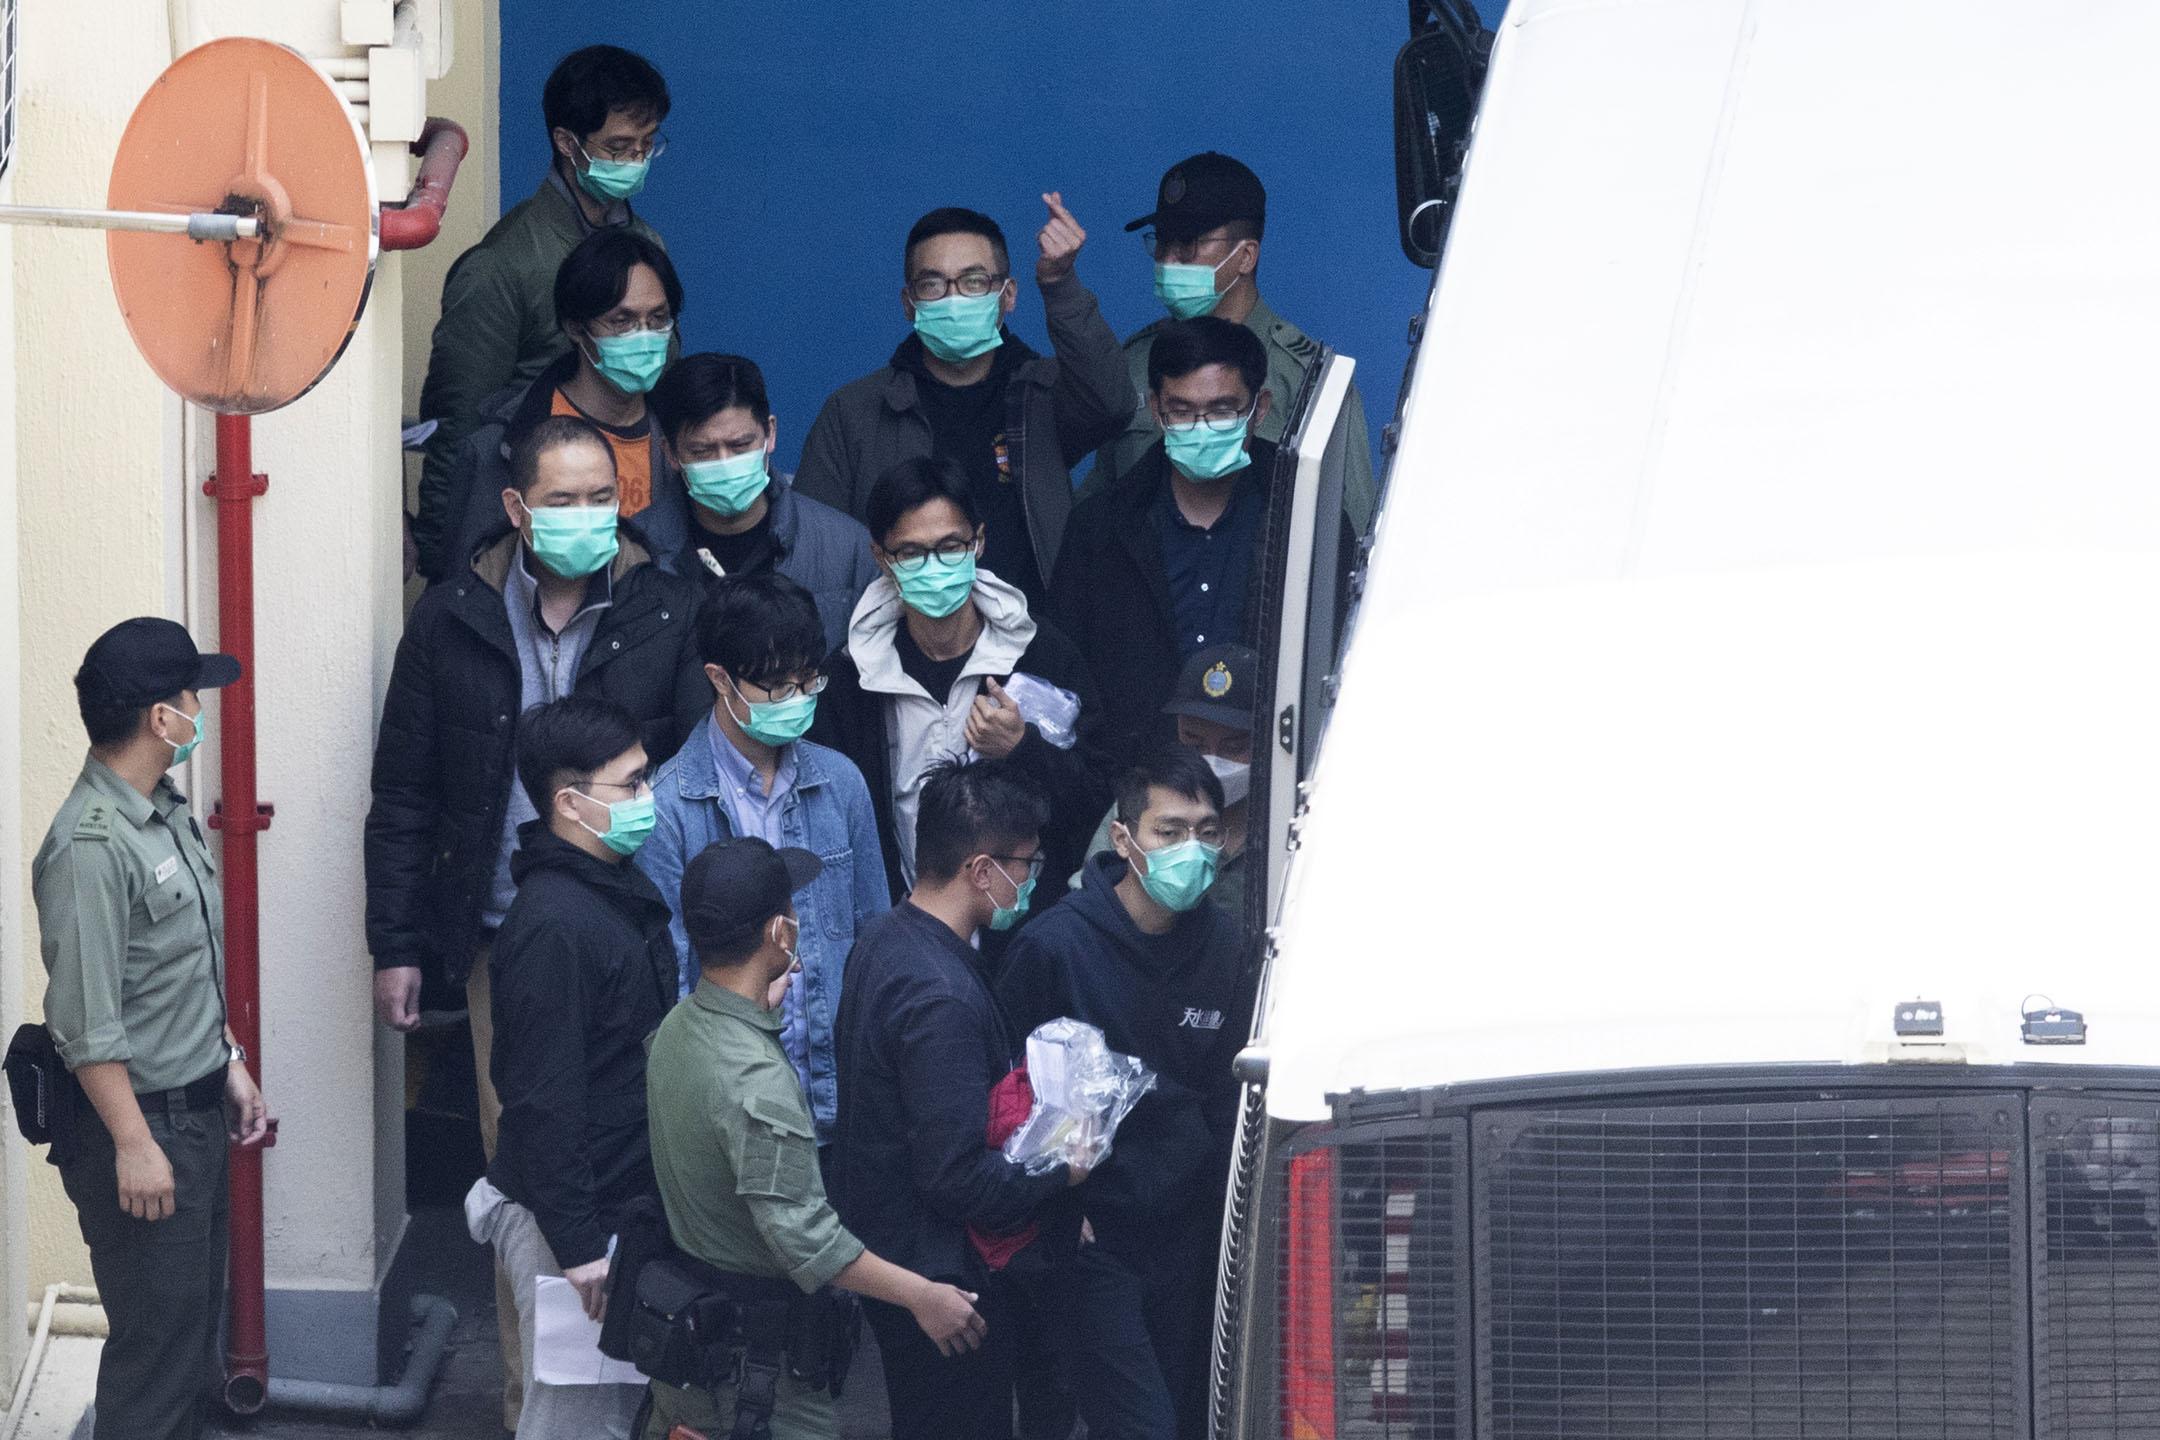 2021年3月2日,228大檢控案中多名被告離開荔枝角收押所。期間前立法會議員、前公民黨黨魁楊岳橋向記者做出心形手勢。